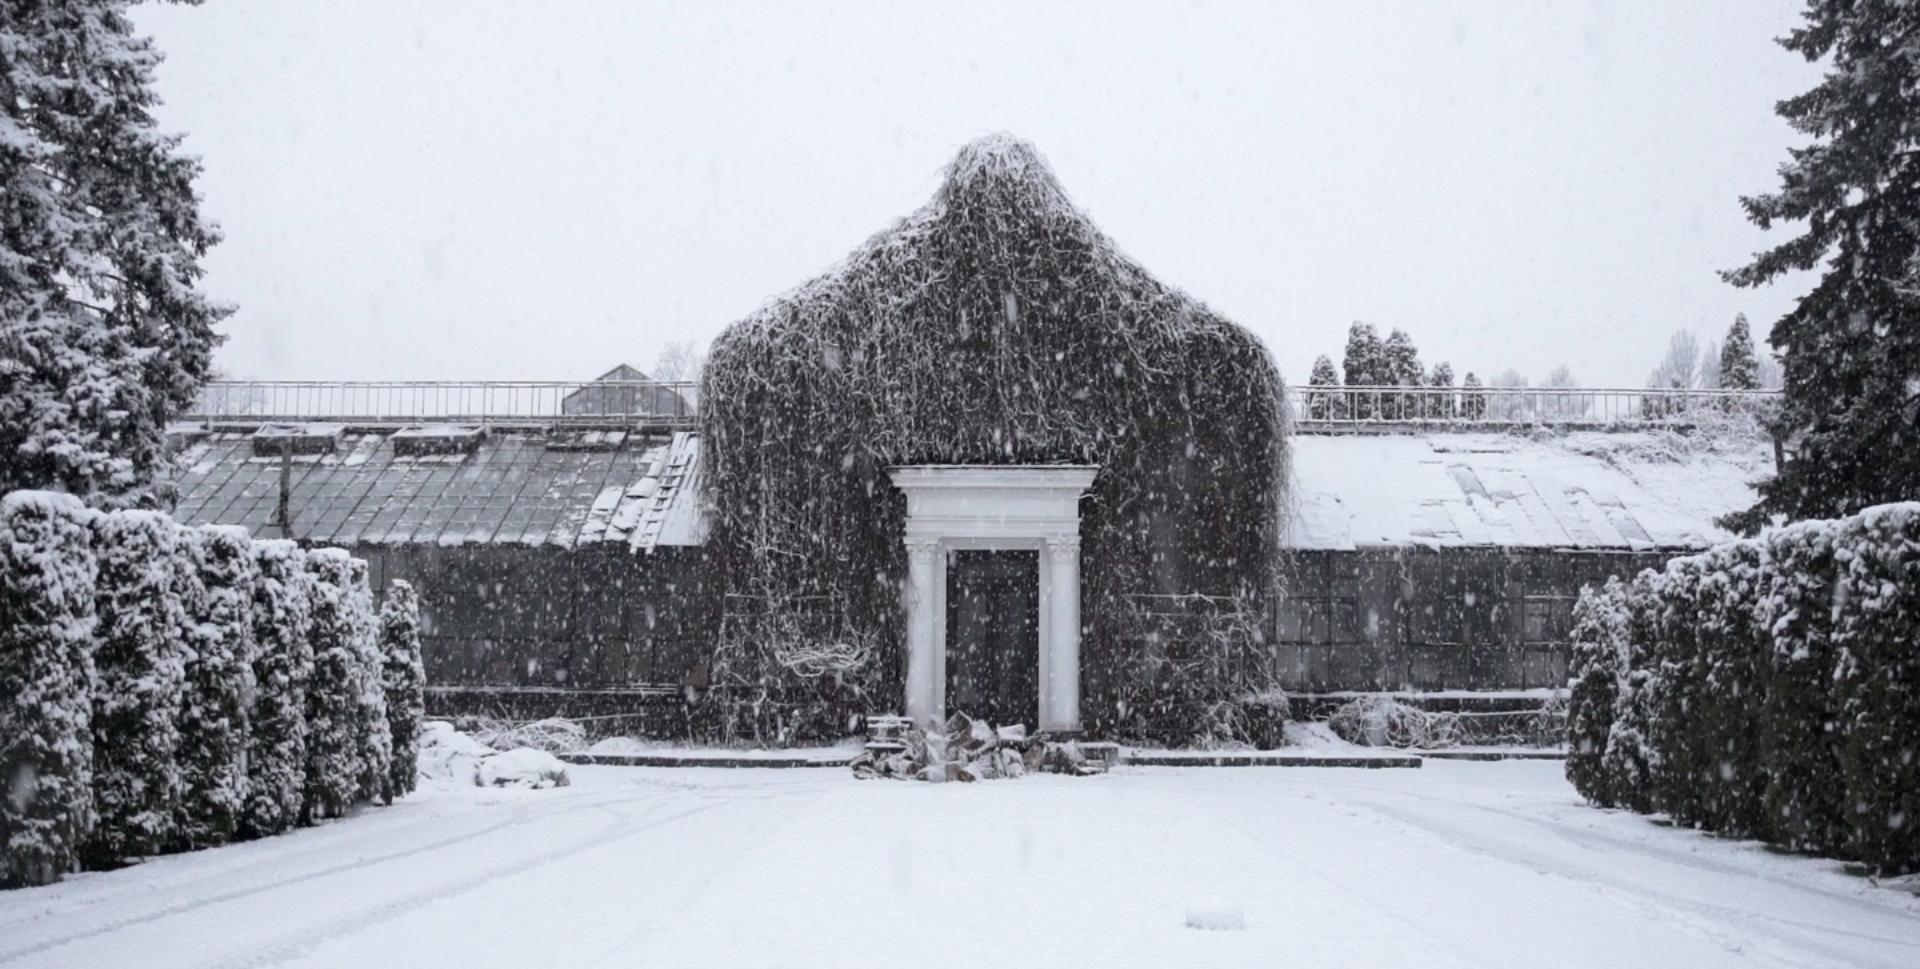 Risultati immagini per THE WINTER GARDEN'S TALE by simon mozgovyi